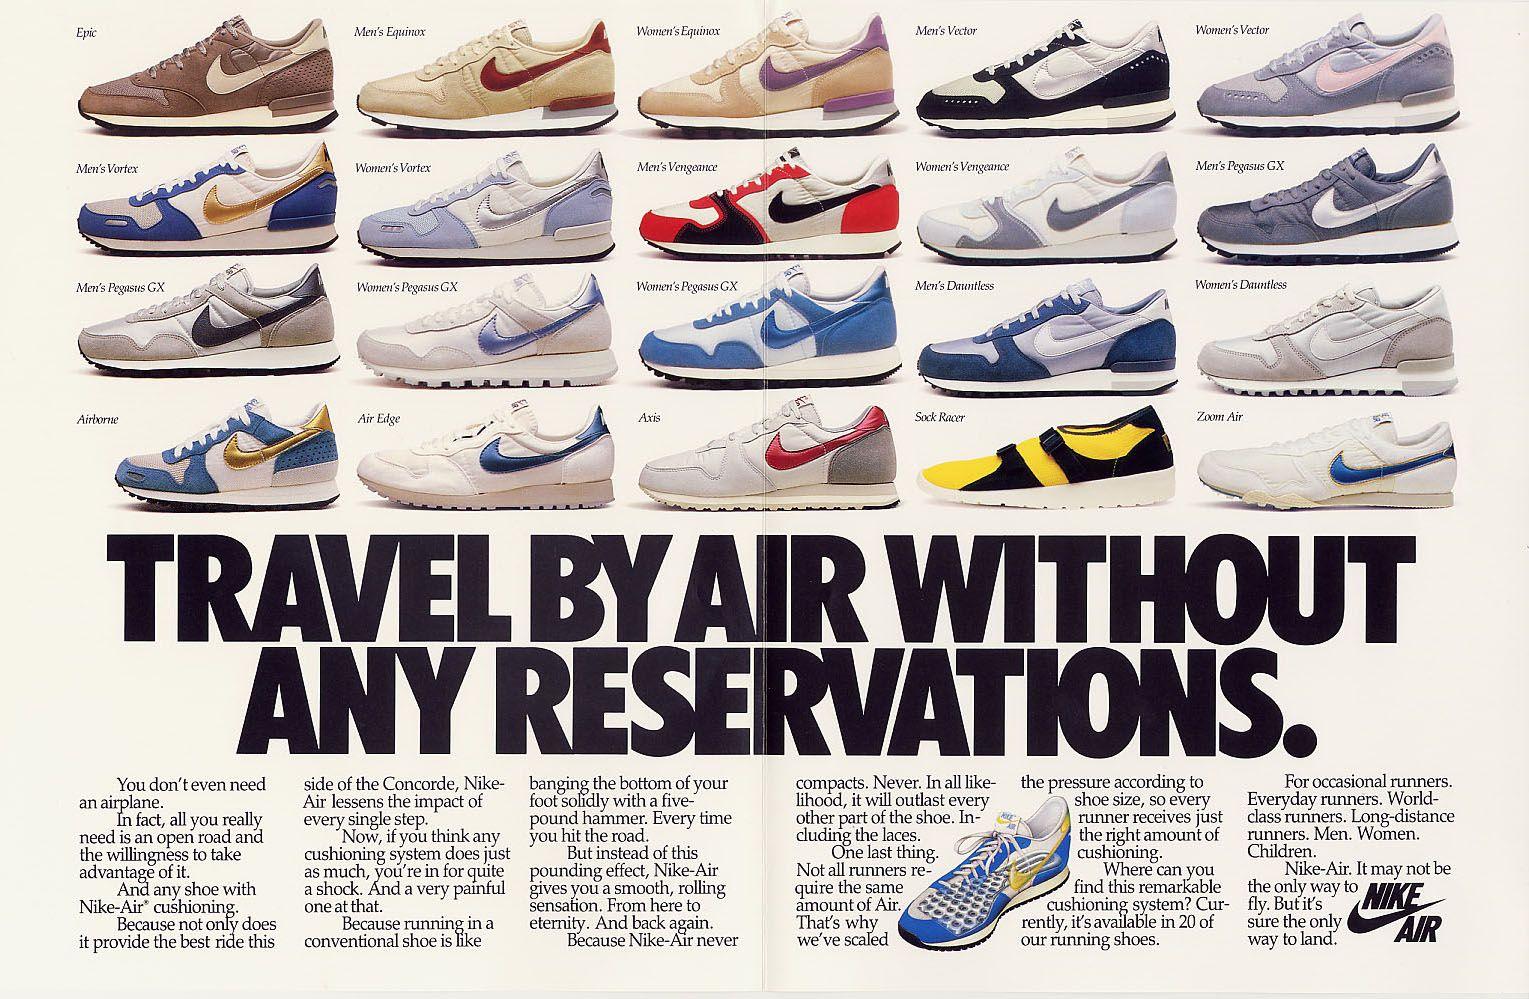 Nike Air Runner ad 44ac61b65eb7